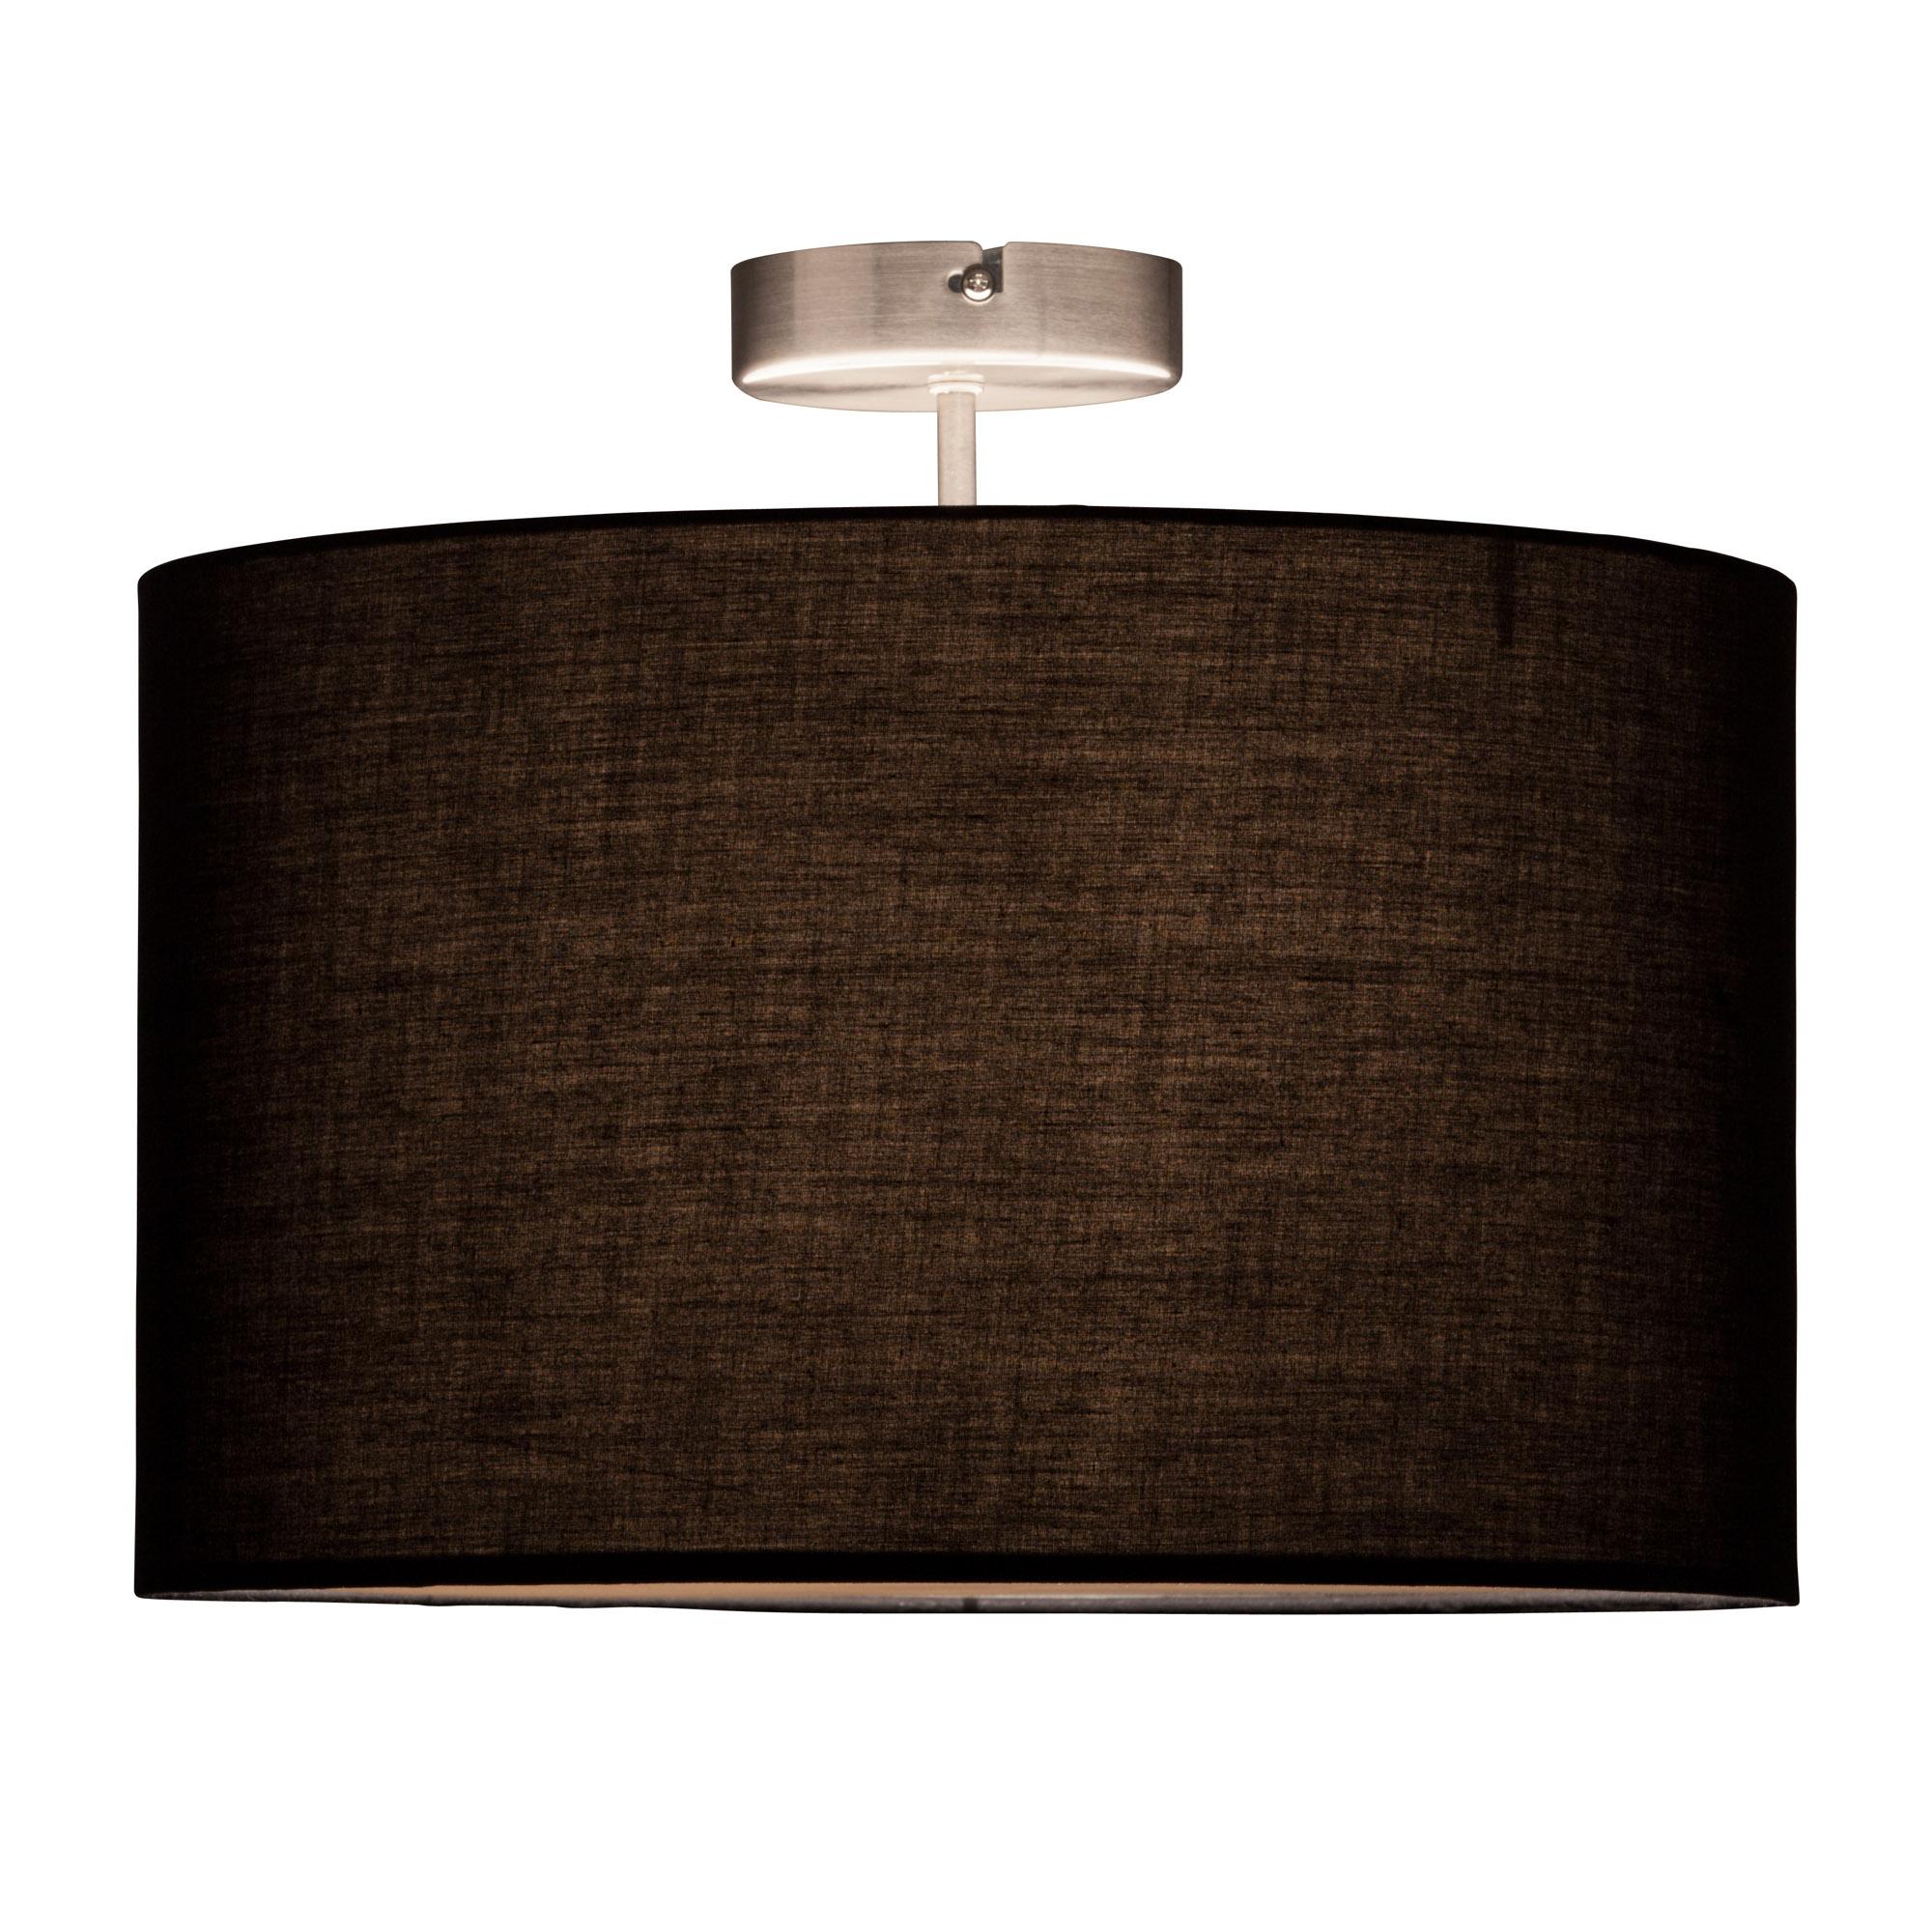 deckenleuchte 1x e27 max 60w metall textil eisen schwarz lightbox leuchten onlineshop. Black Bedroom Furniture Sets. Home Design Ideas